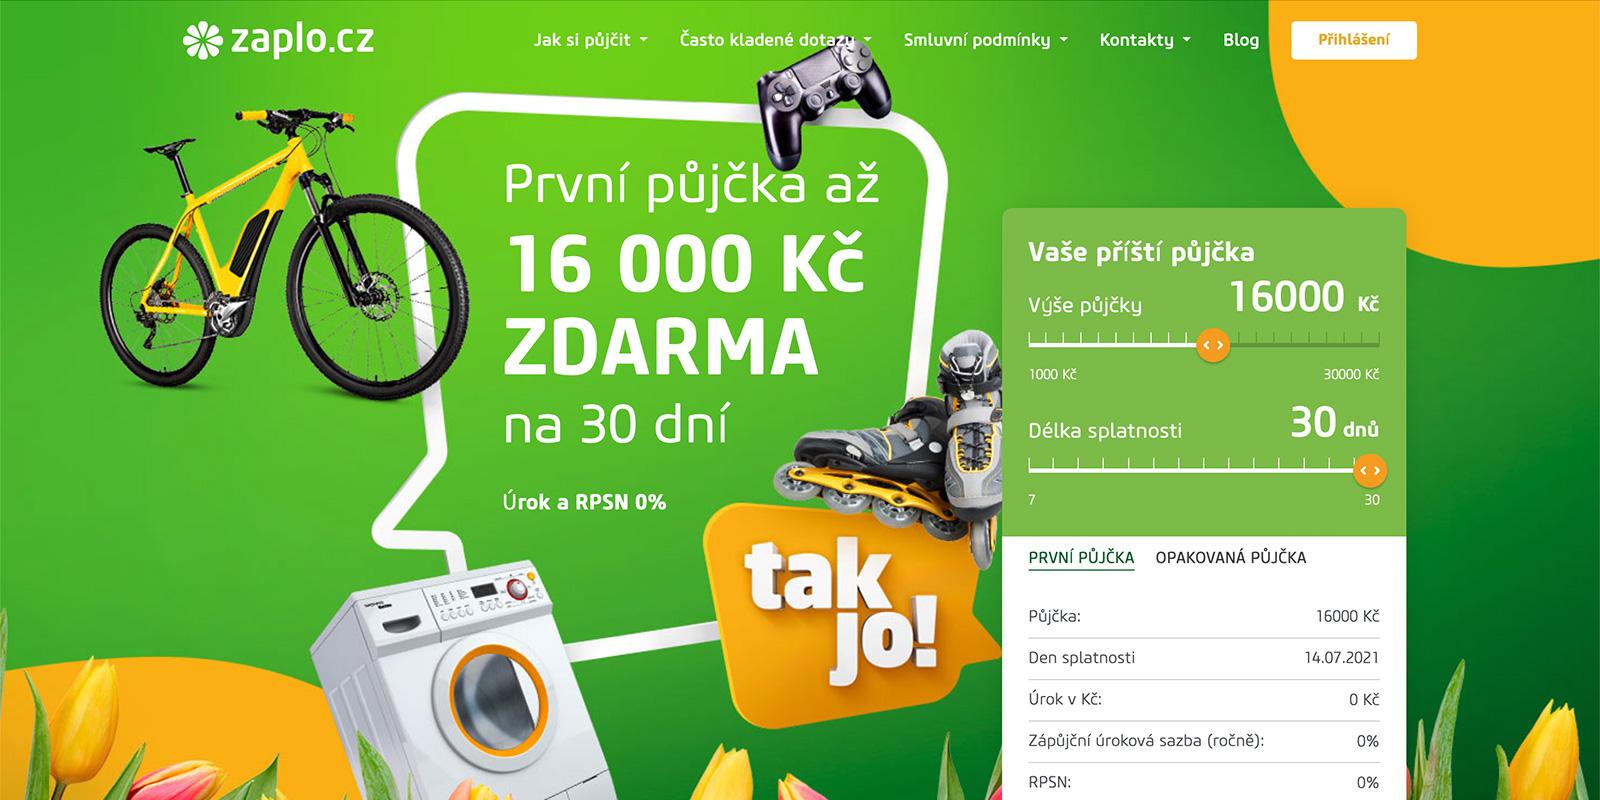 Zaplo.cz je nejpopulárnější rychlá půjčka na českém internetu. Čím je zajímavá?